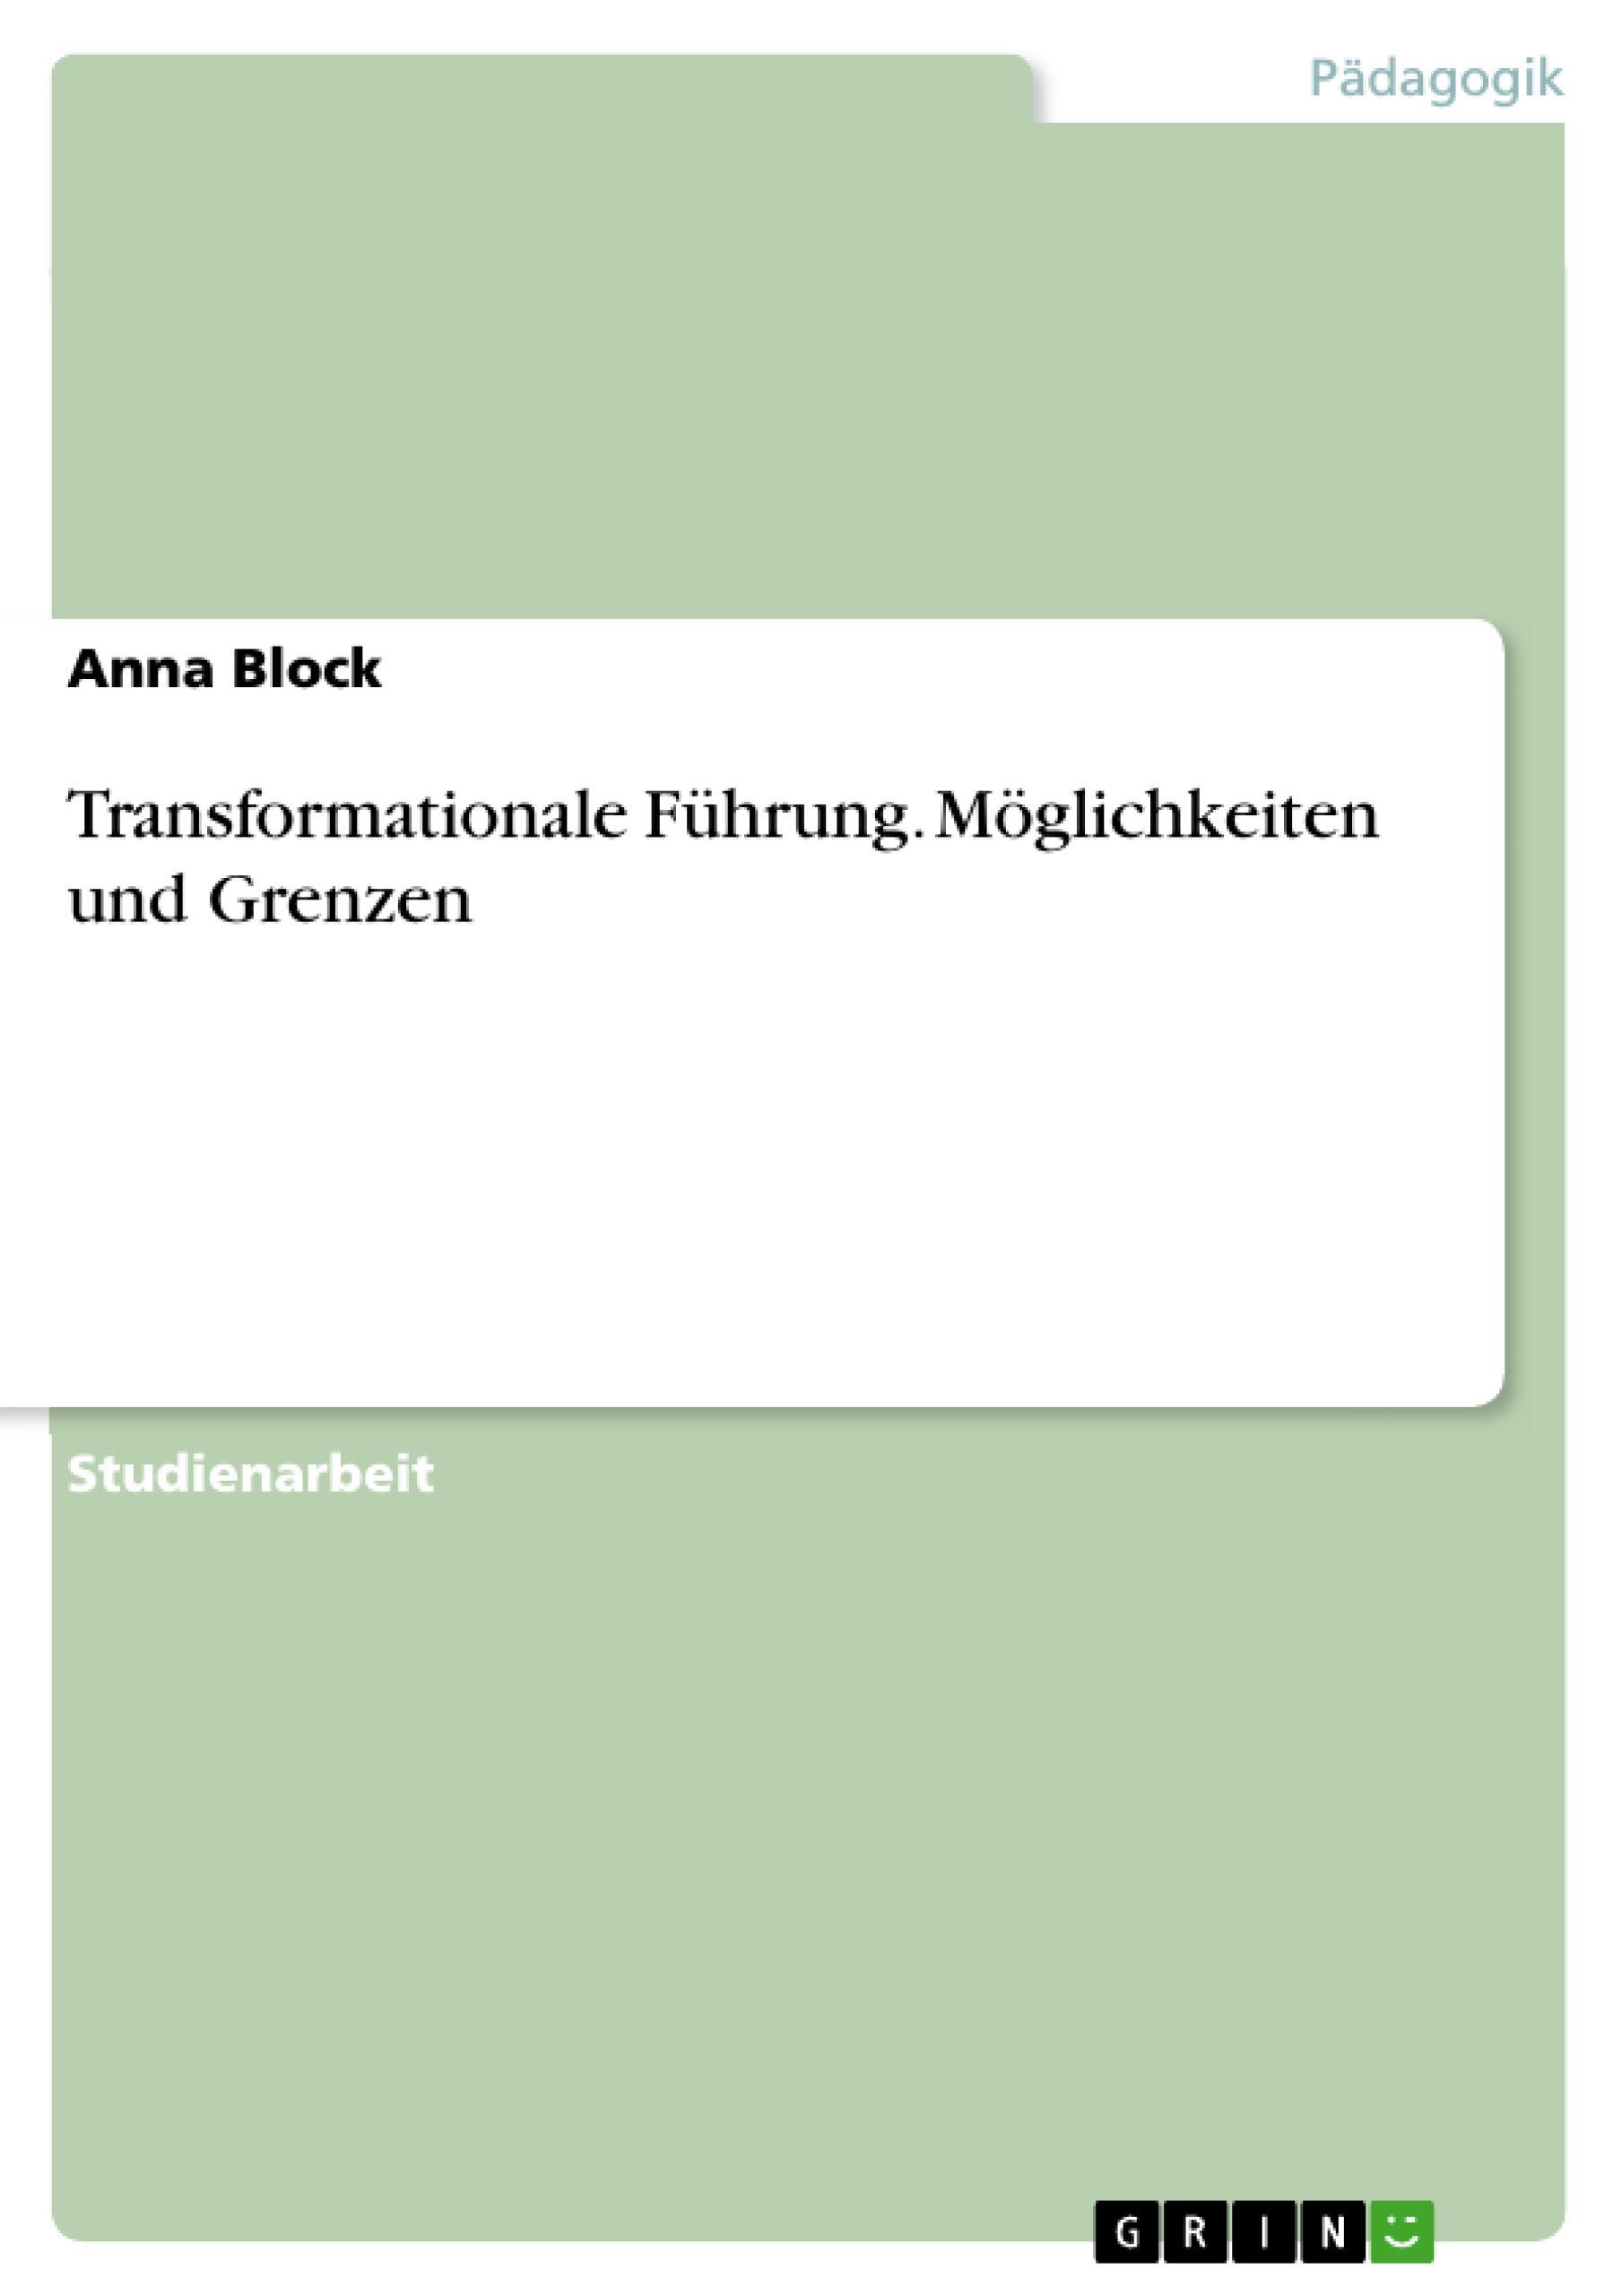 Transformationale Führung. Möglichkeiten und Grenzen  Anna Block  Taschenbuch  Deutsch  2010 - Block, Anna